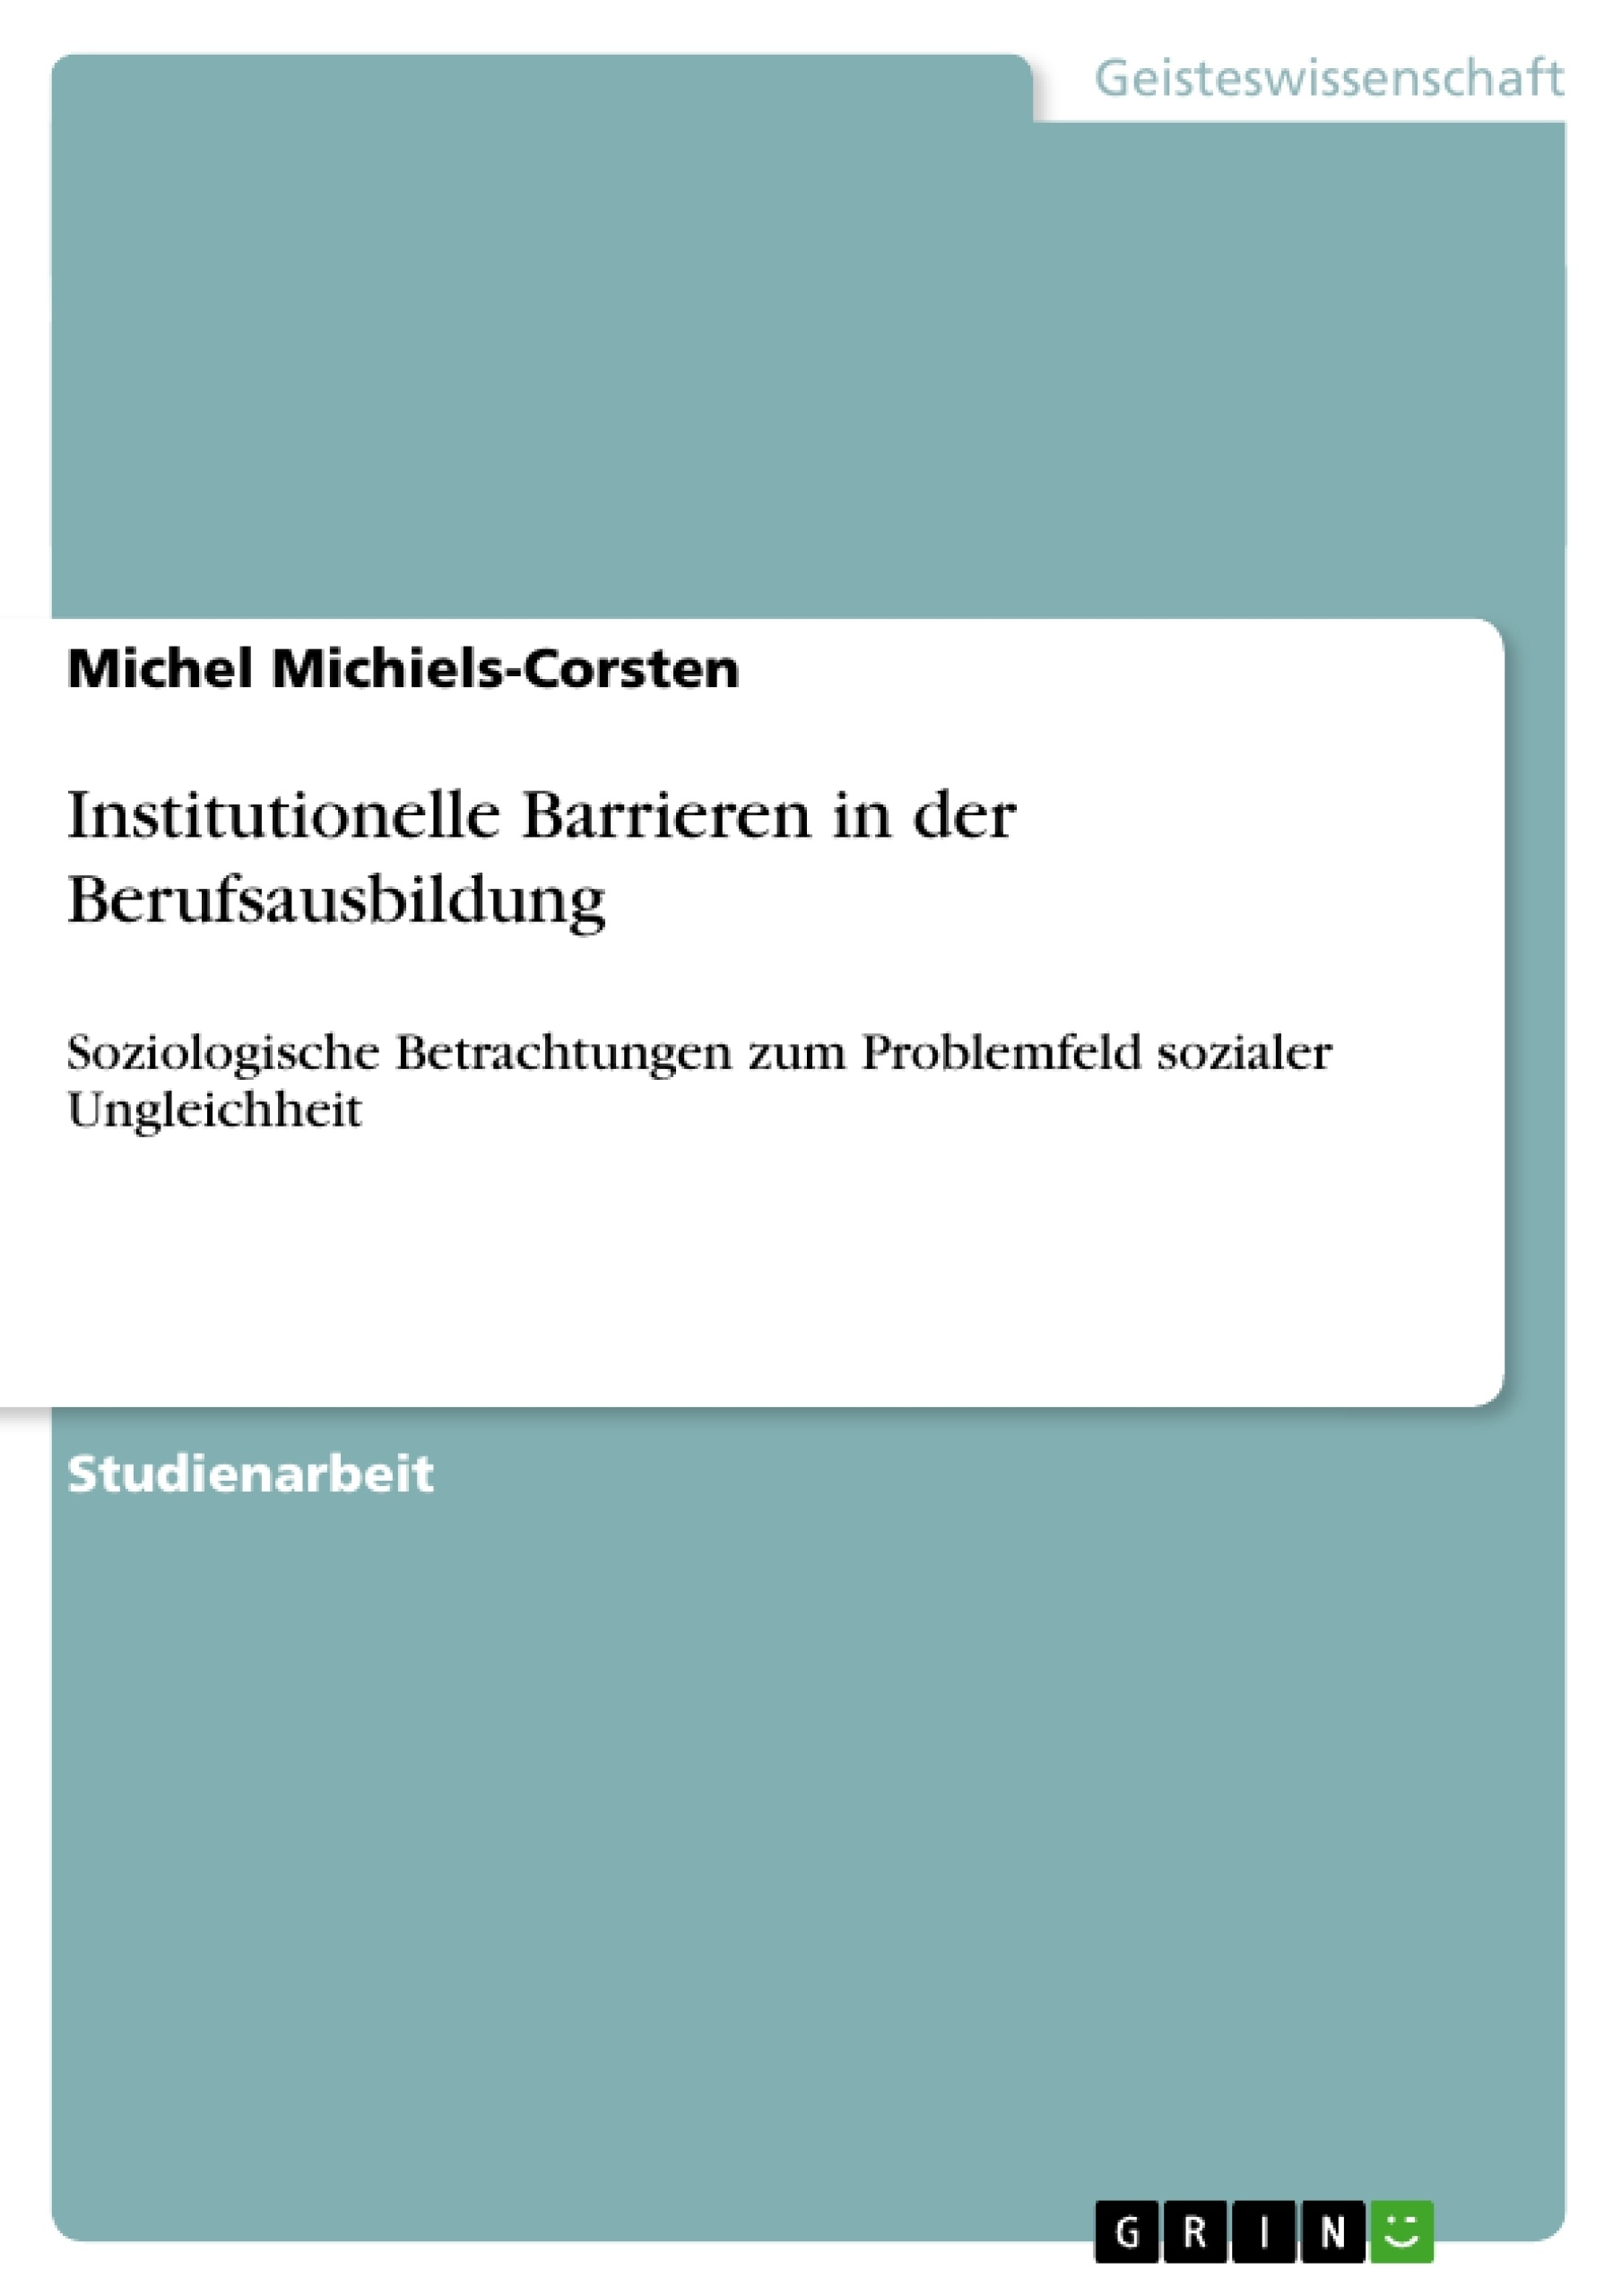 Titel: Institutionelle Barrieren in der Berufsausbildung